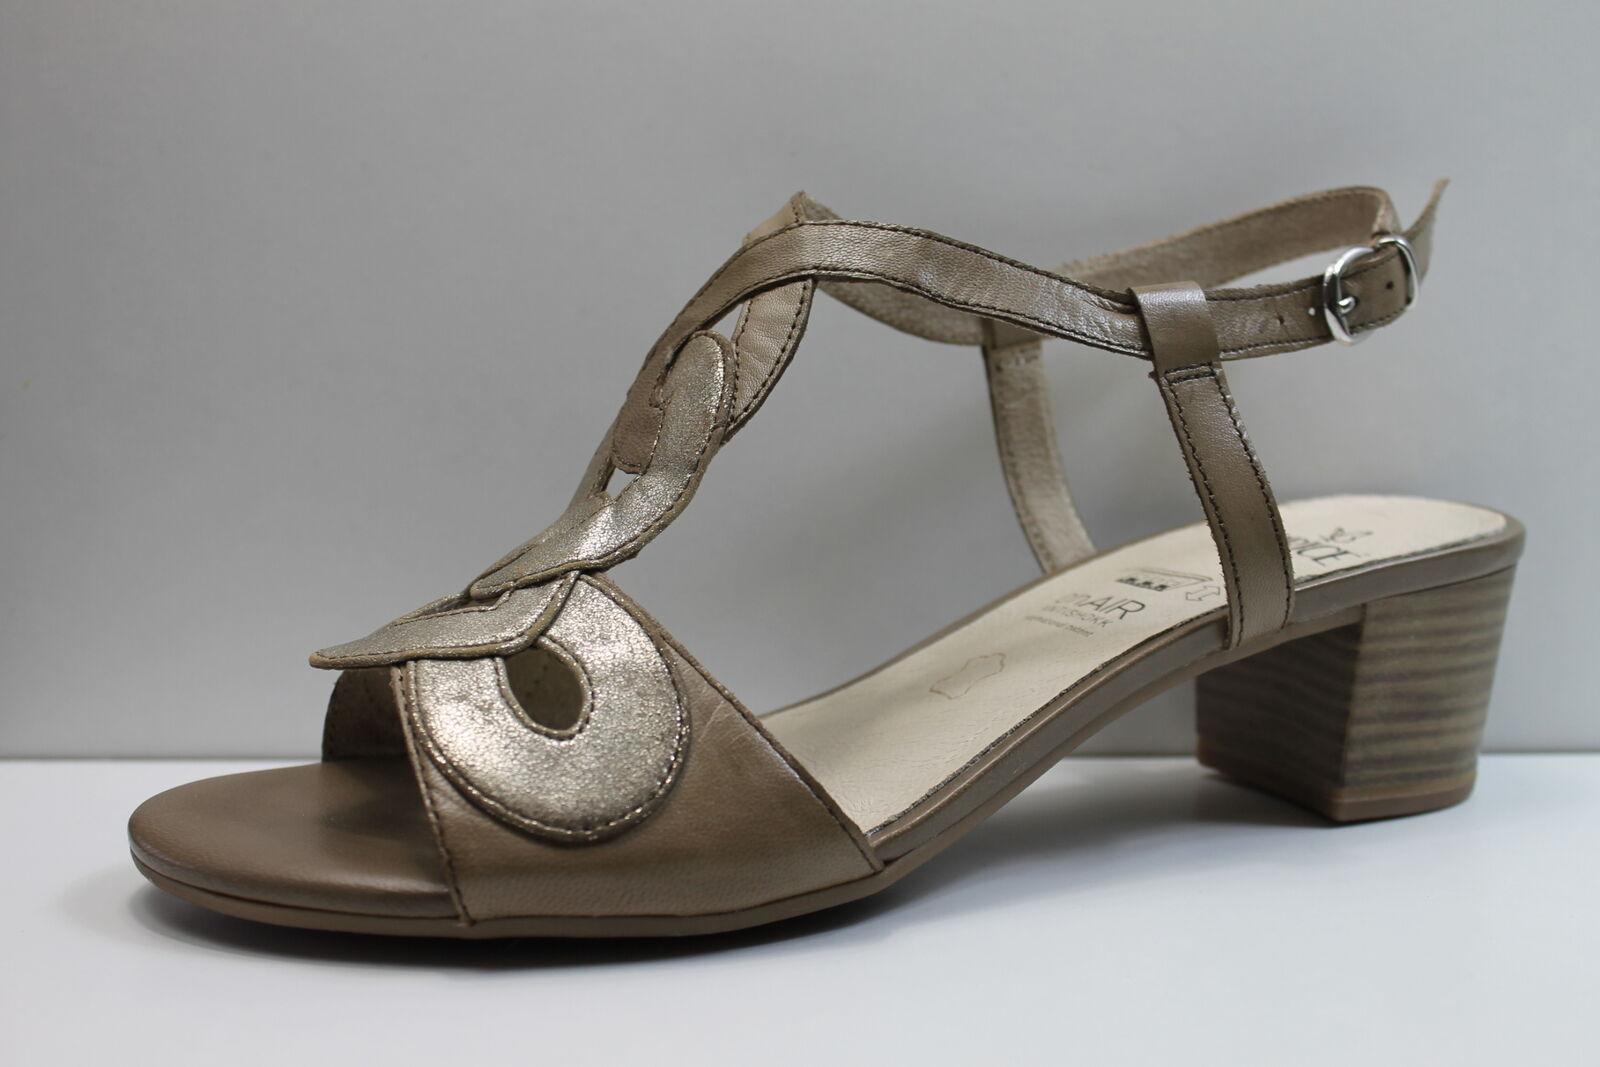 GUESS Pumps 'BELLE' schwarz silber | Frauenschuhe shoes